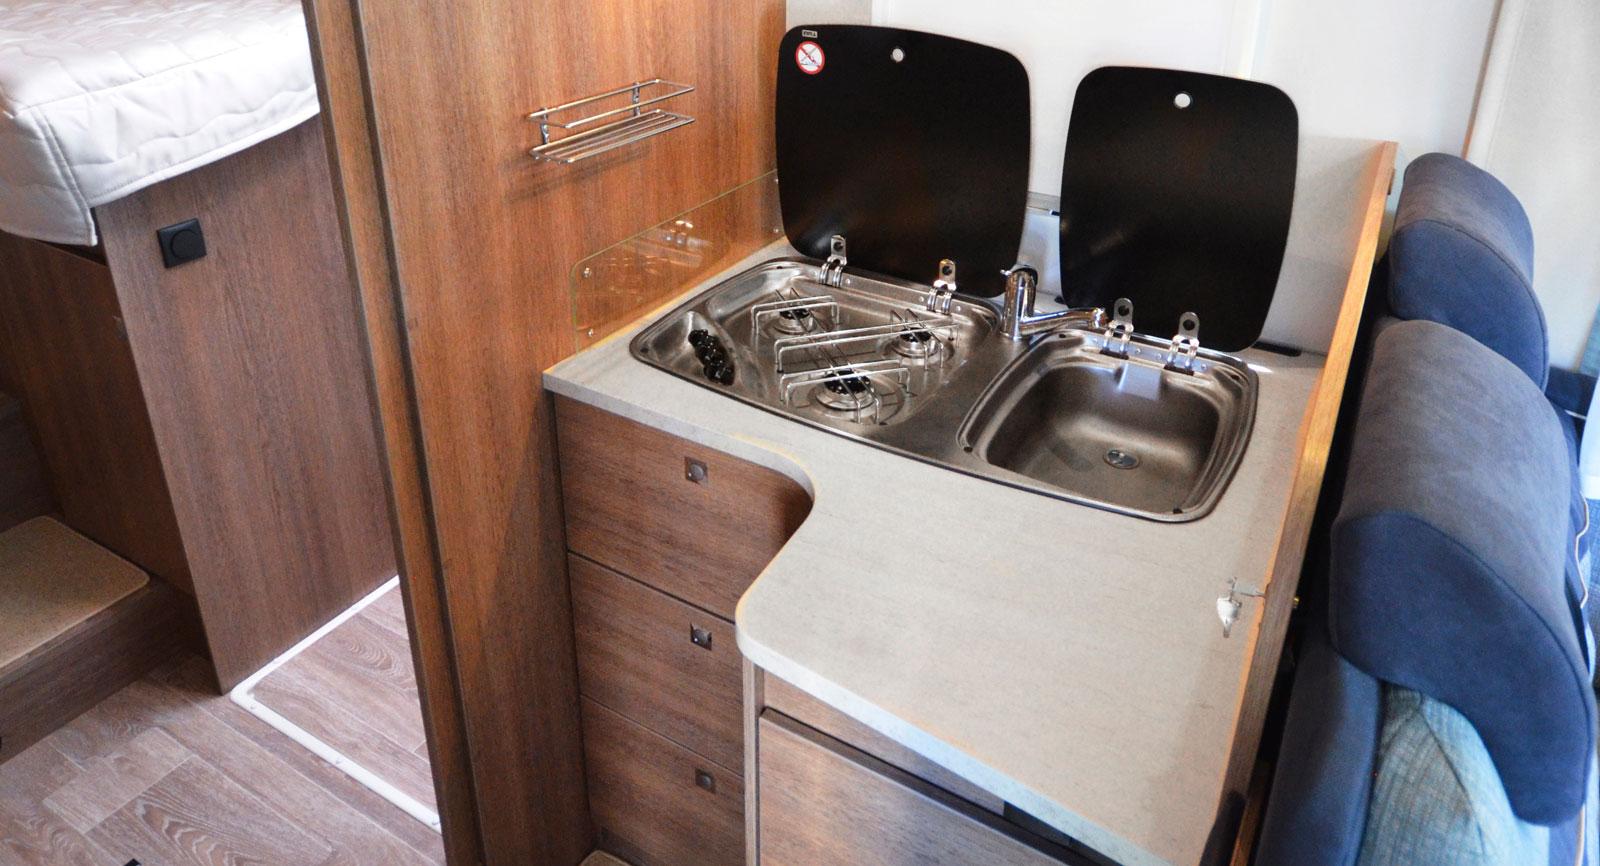 Köket är vinklat men har dåligt med förvaring. I det större  skåpet under köksbänken finns emellertid en sophink.